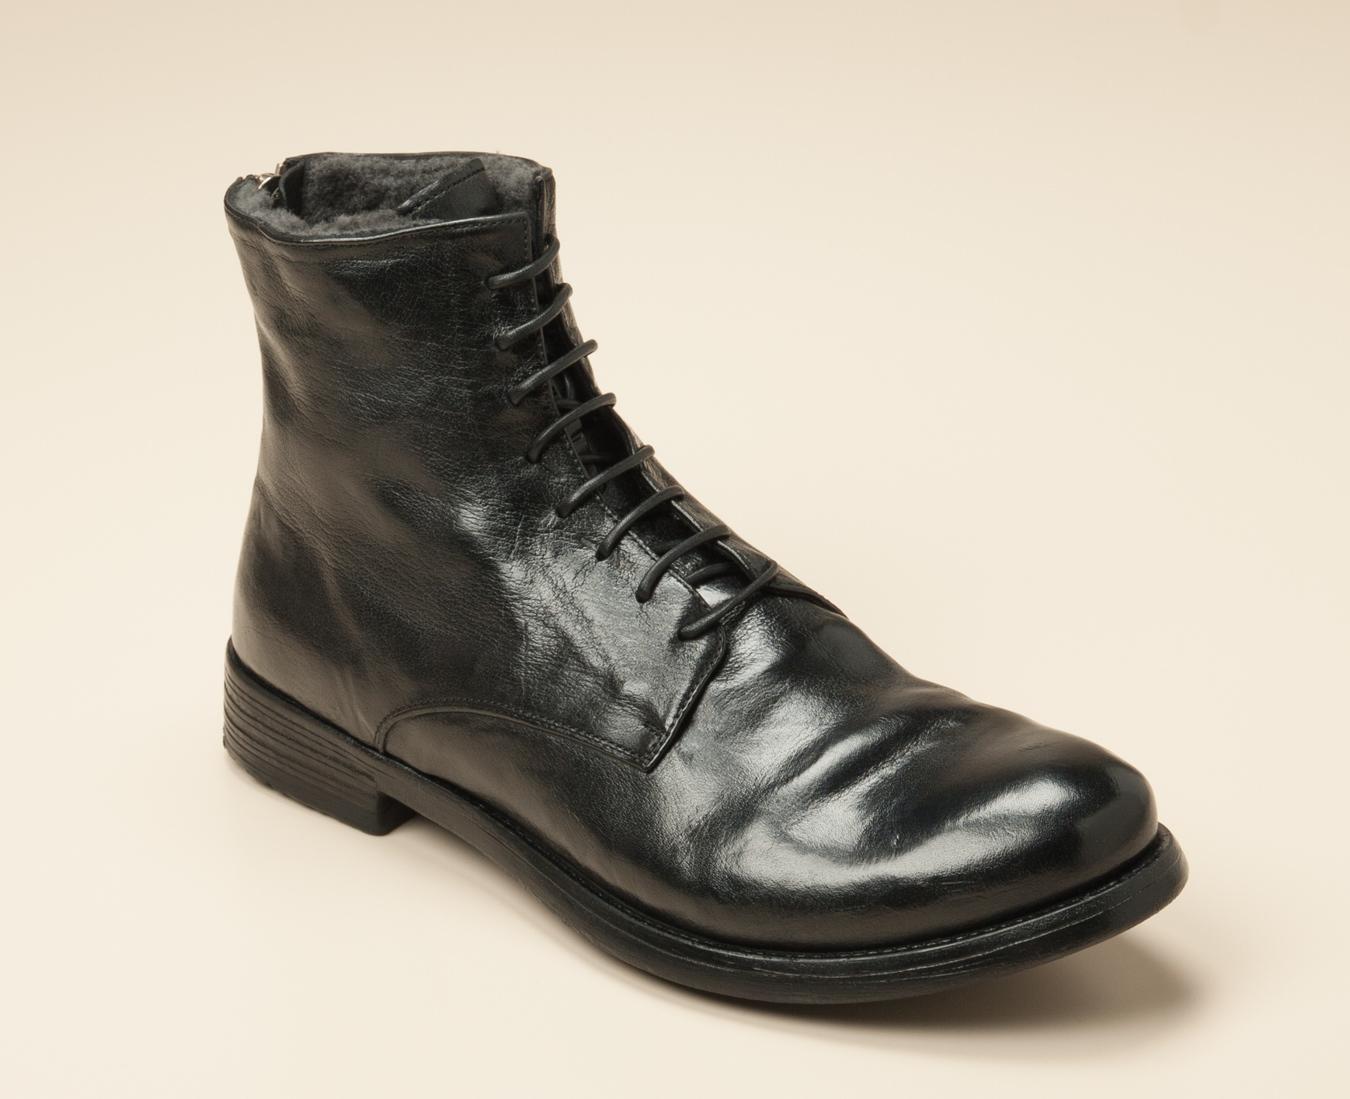 b93e3f44390bd4 Officine Creative Herren Boots in schwarz kaufen